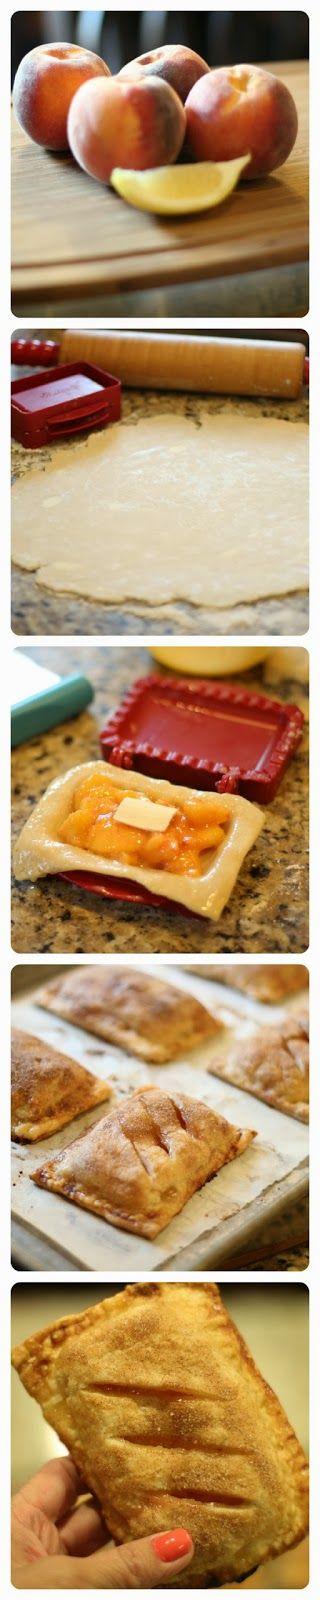 Mini Peach Pies | FOOD! (Mom's Recipes) | Pinterest